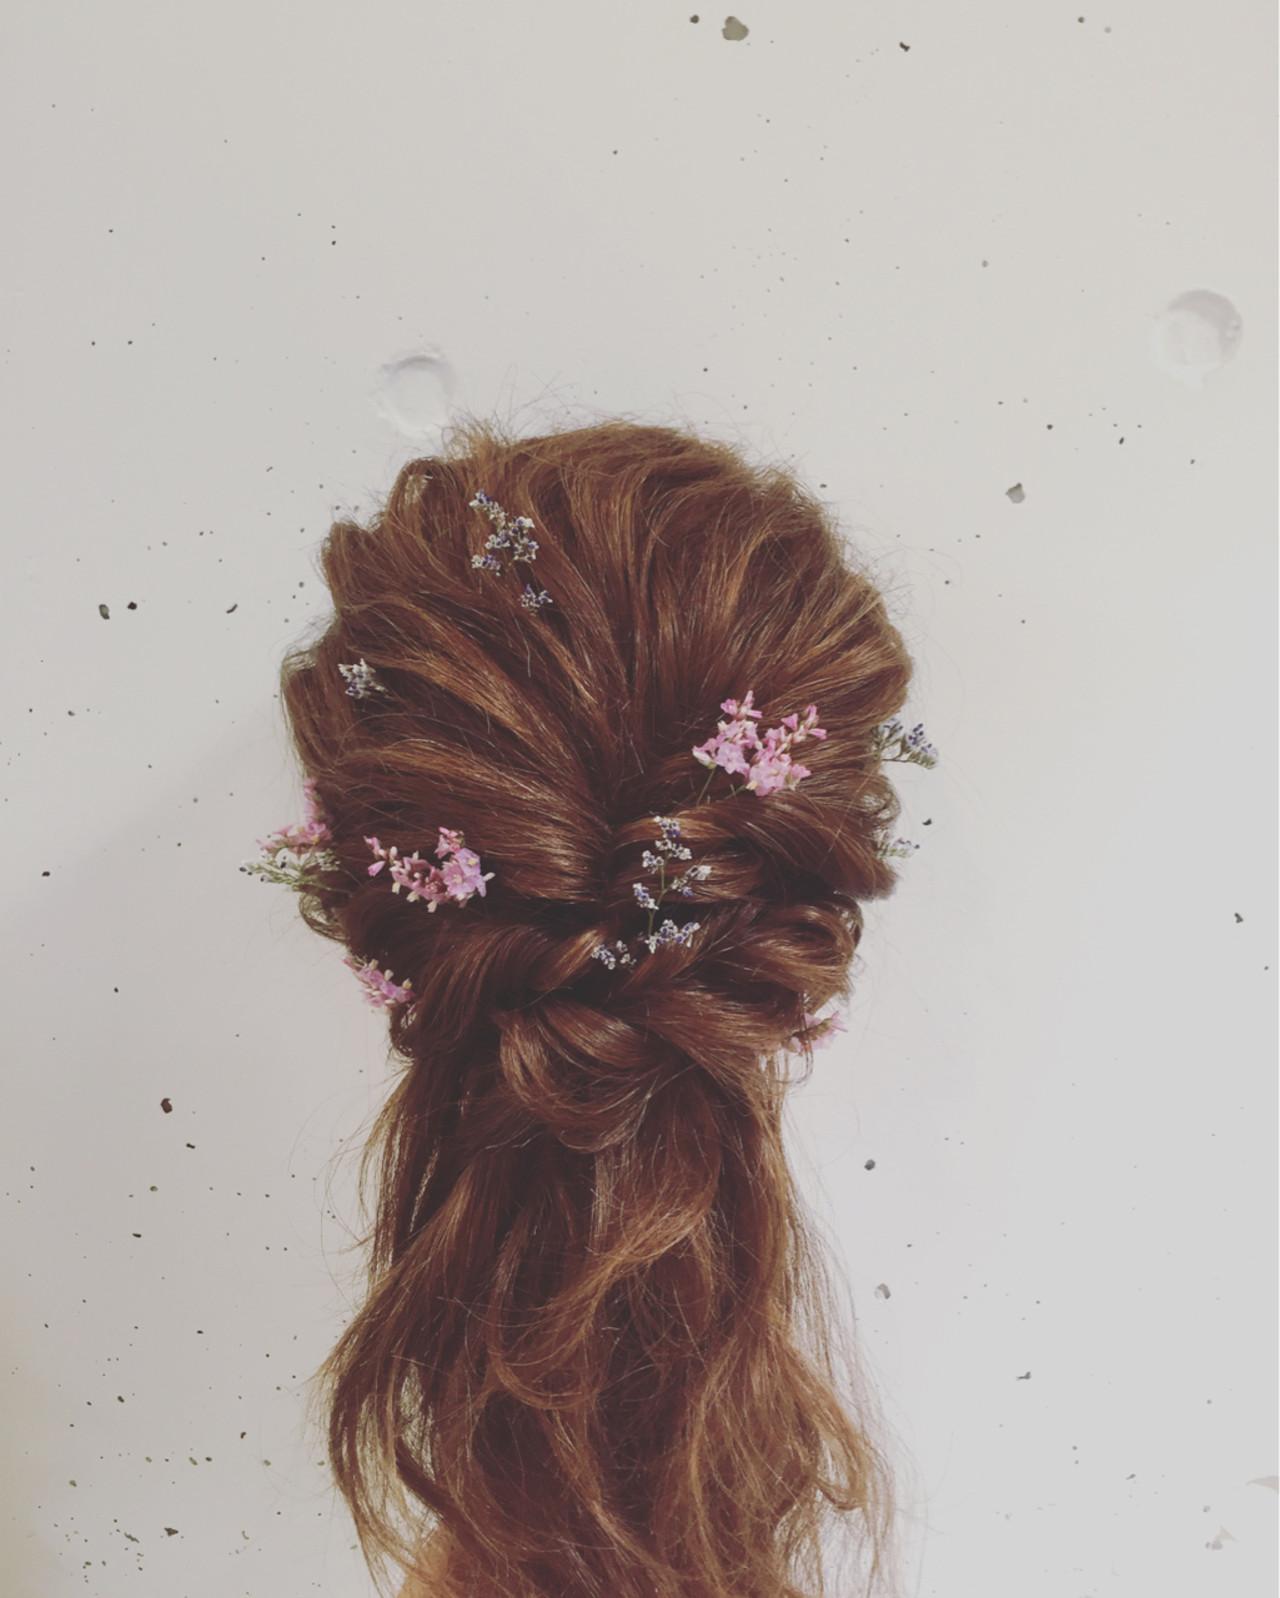 ゆるふわ ハーフアップ 簡単ヘアアレンジ フェミニン ヘアスタイルや髪型の写真・画像 | Mayumi Masumitsu / Arrange